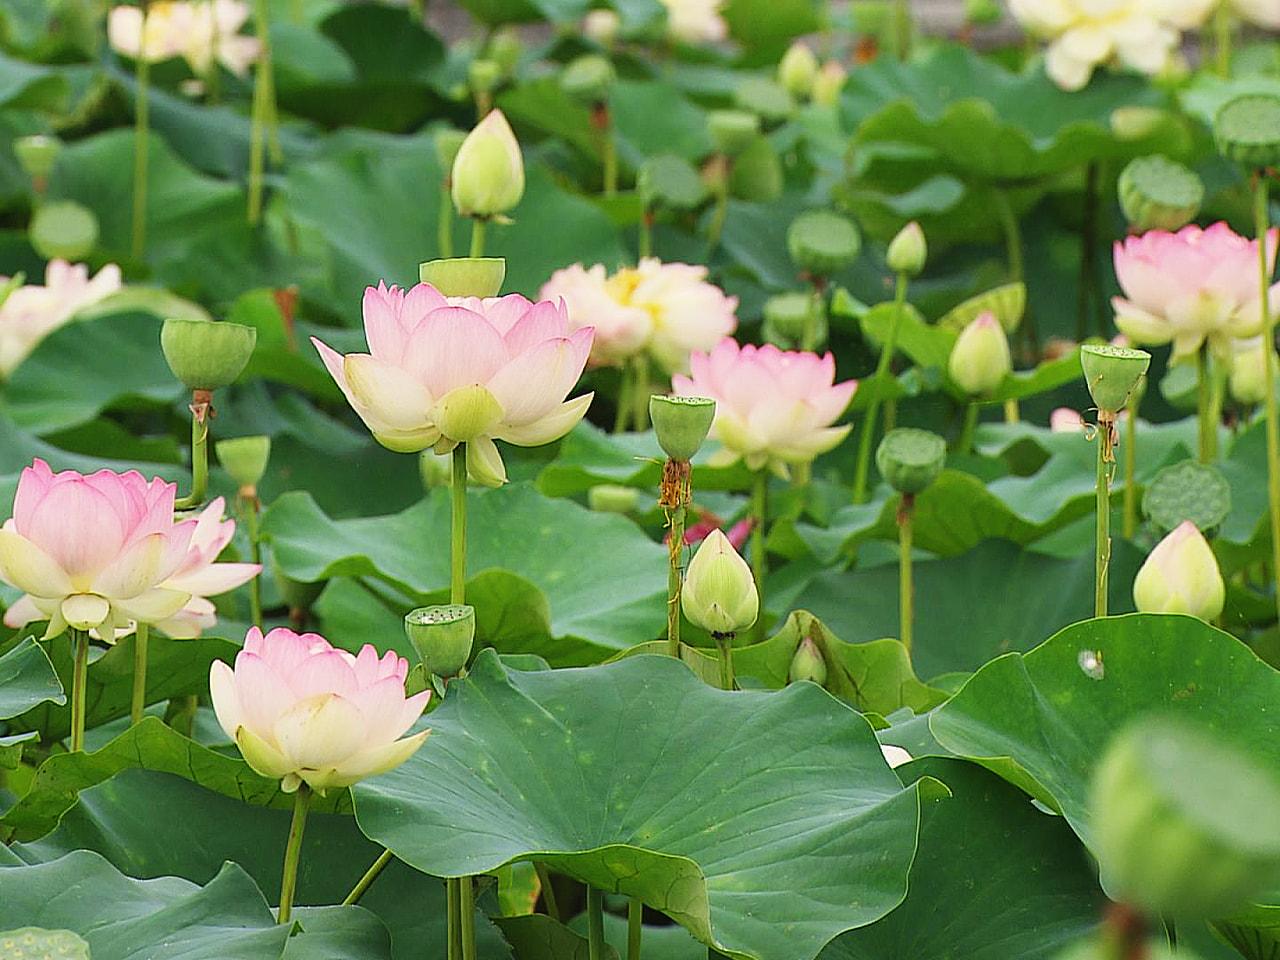 岐阜県大垣市のハス池で、鮮やかなピンク色のハスの花が見頃を迎えています。 大垣市...